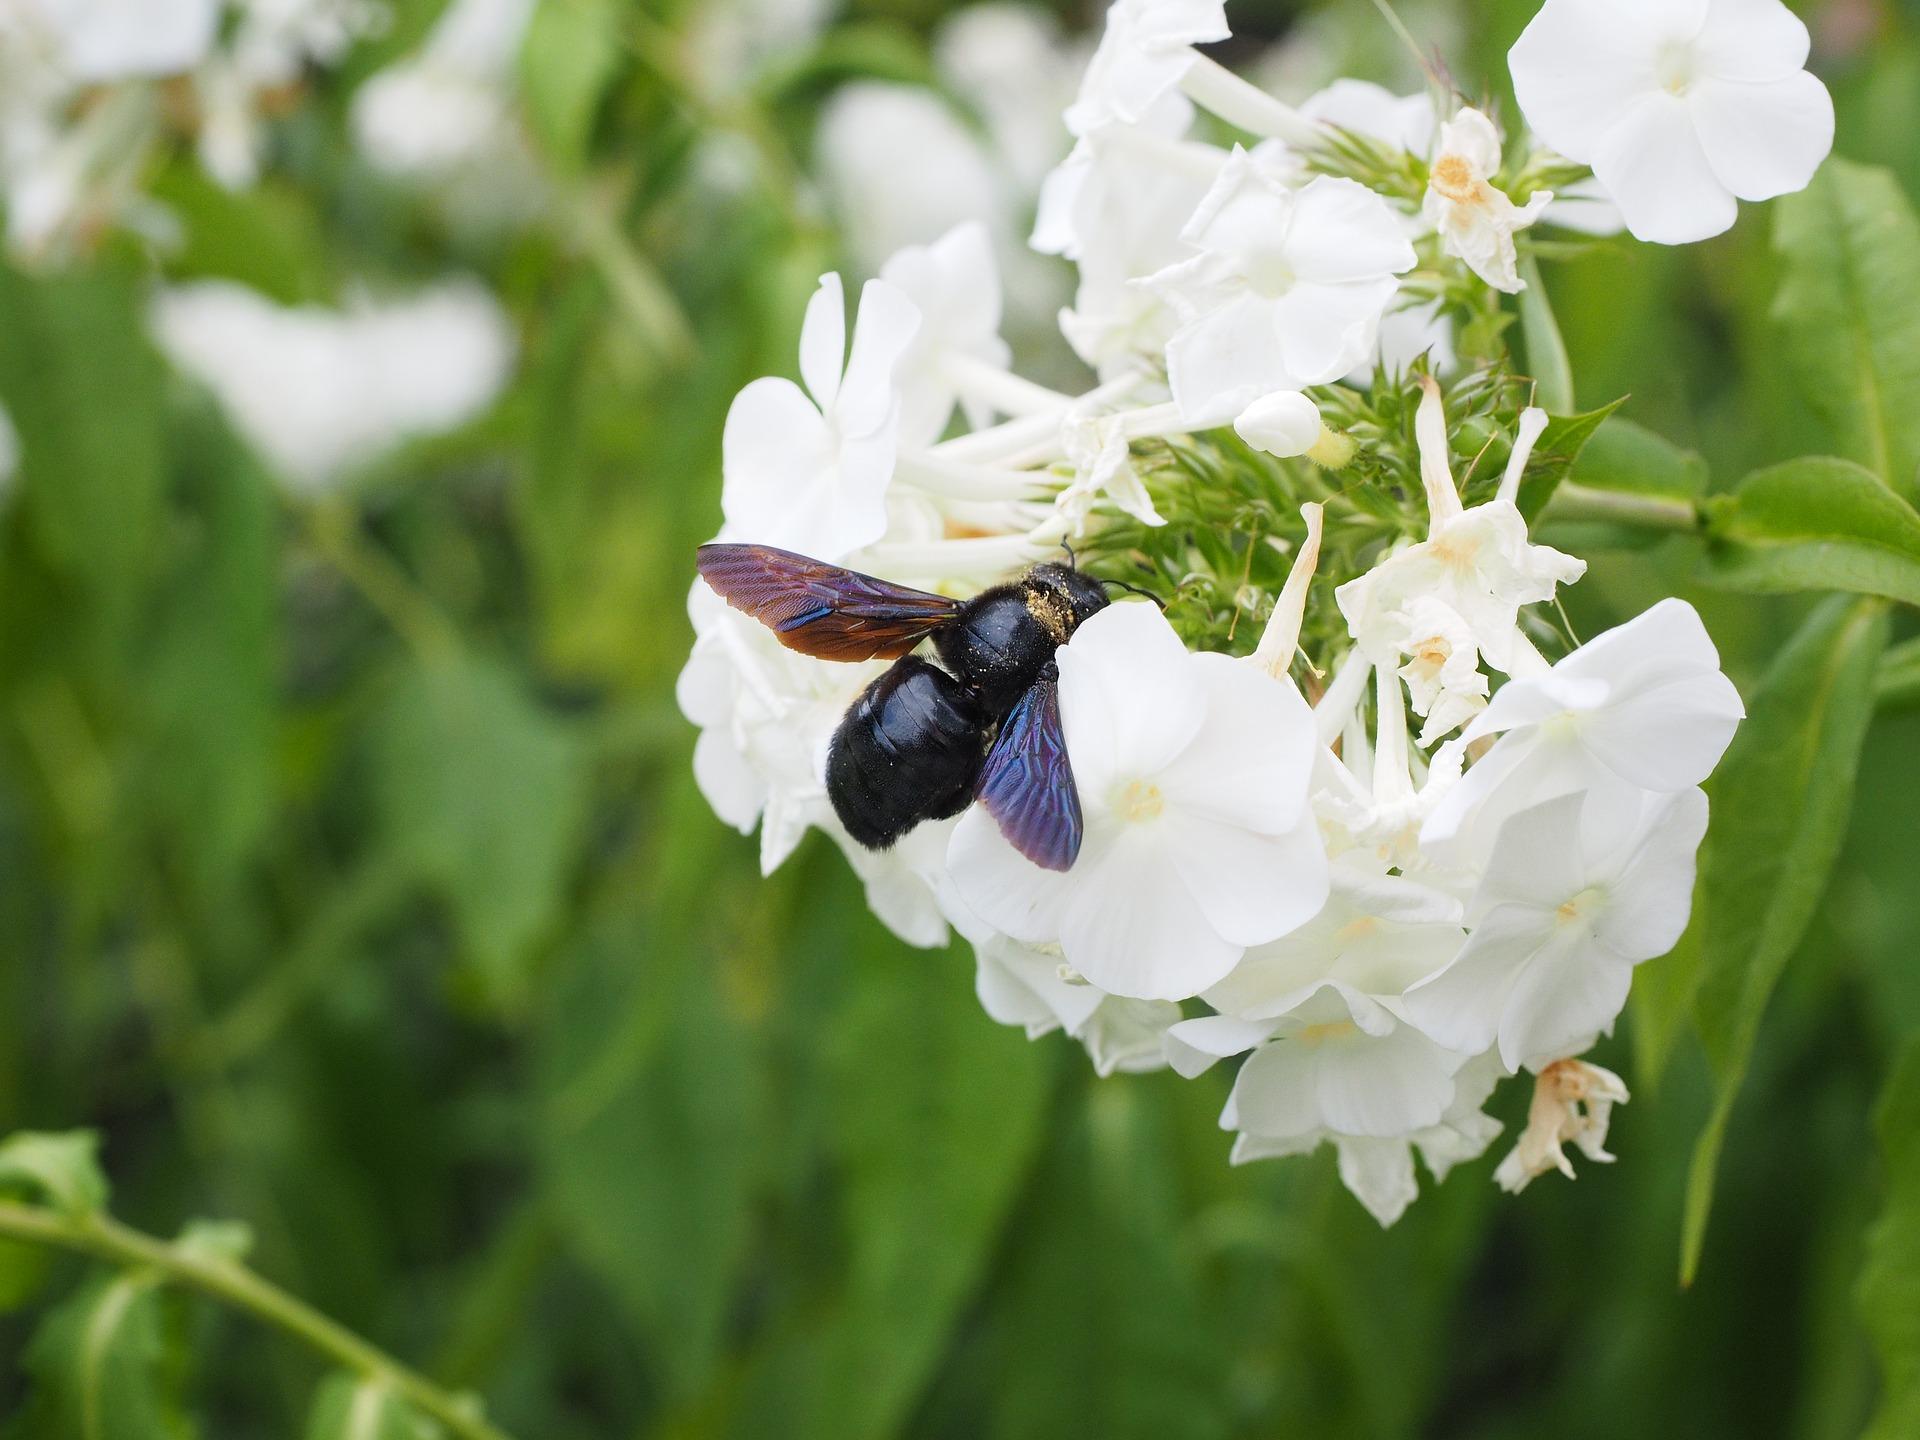 Die Blauschwarze Holzbiene - ein auffälliger Bestäuber